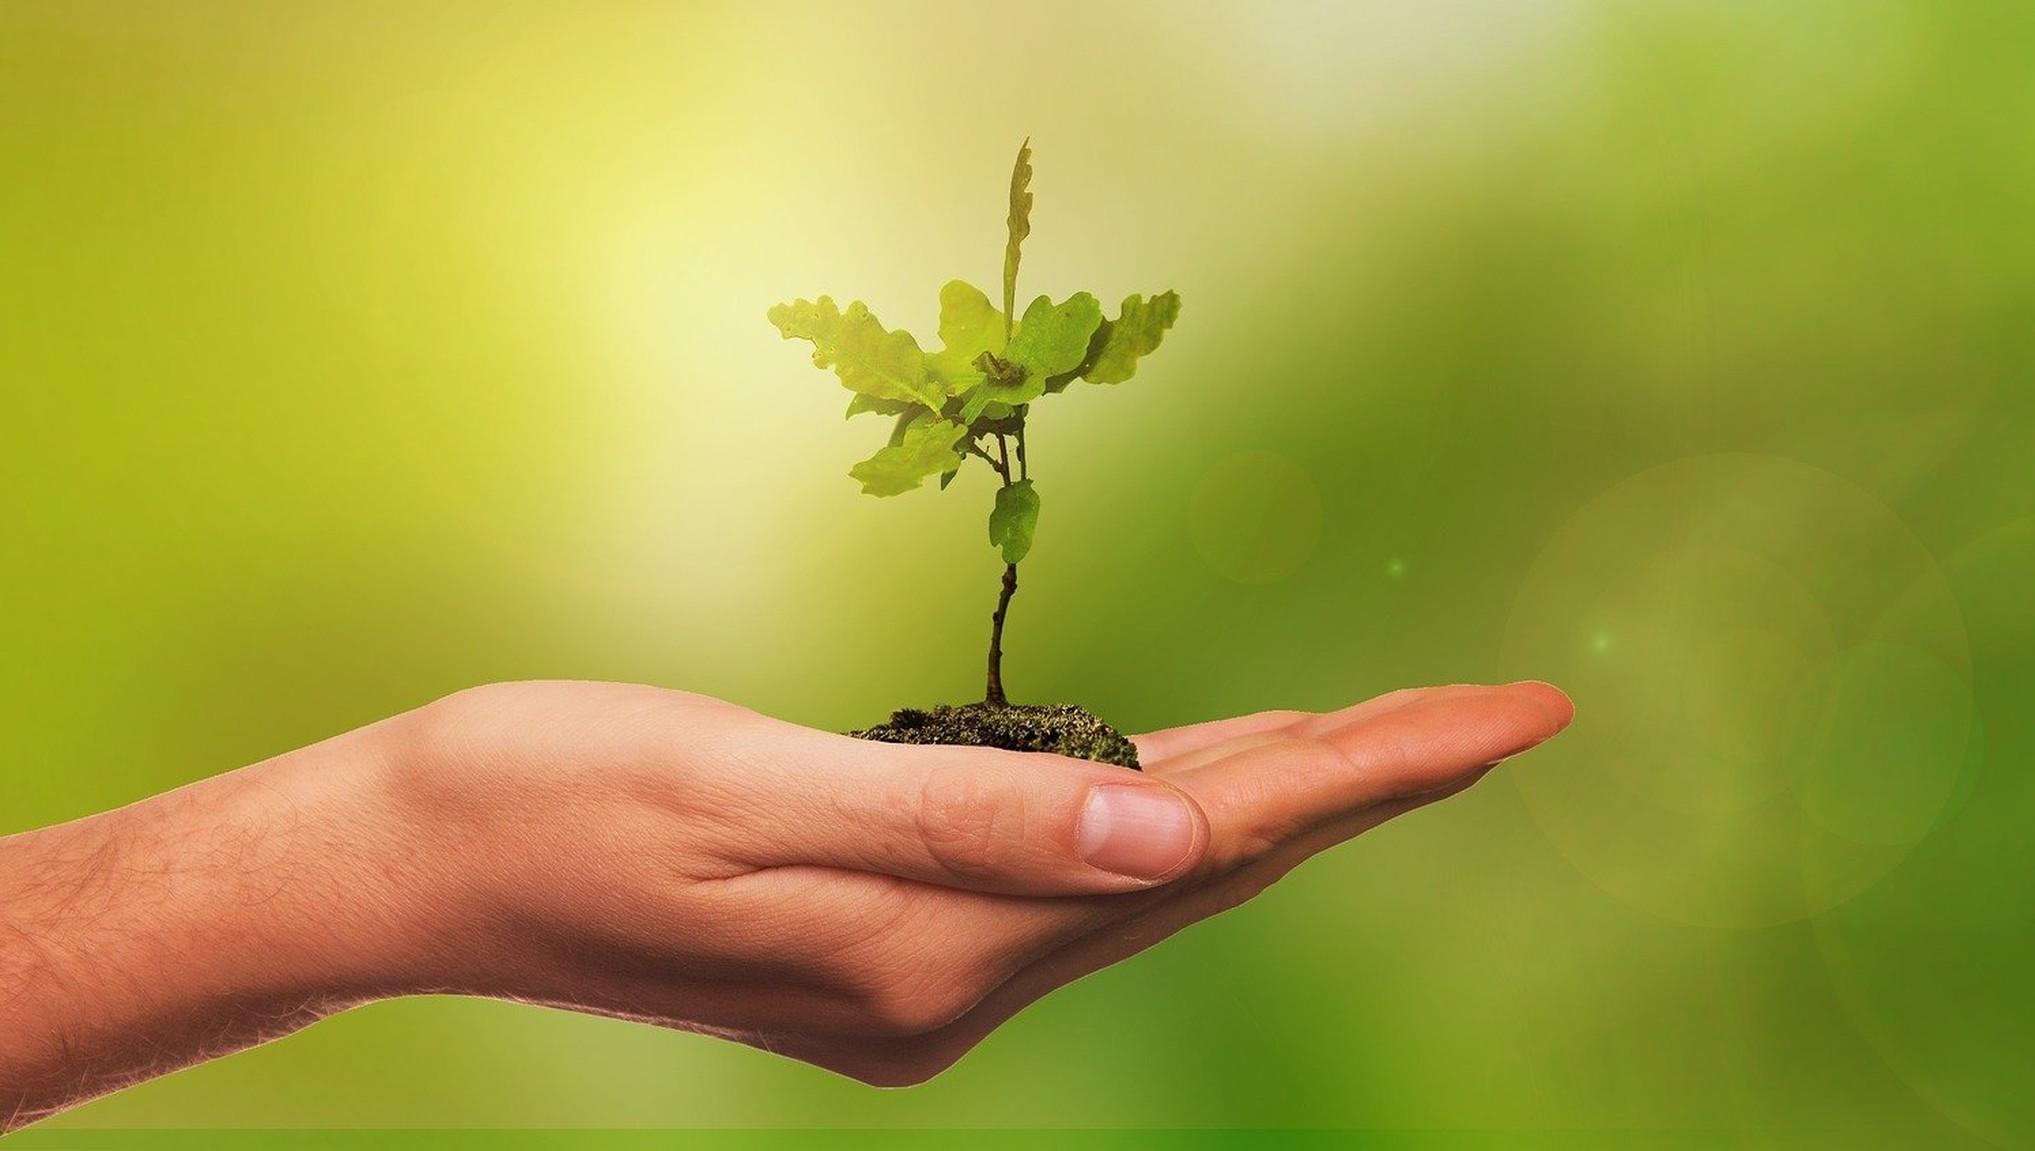 Жителям Тверской области предлагают посадить лес в честь Дня Победы